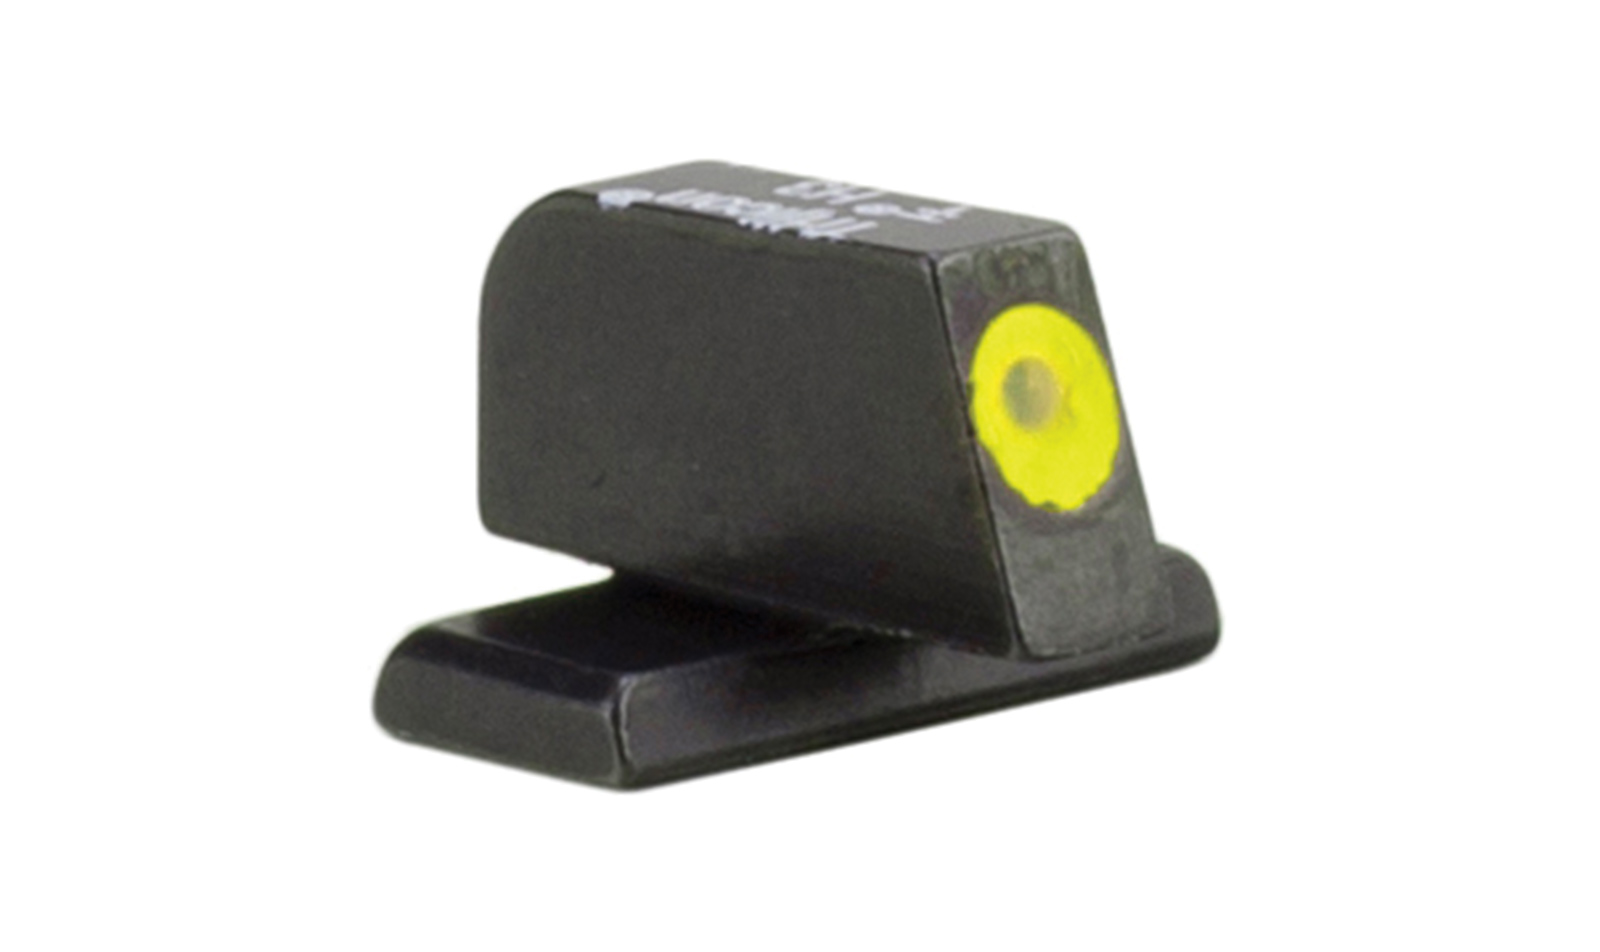 SP602-C-600877 angle 3